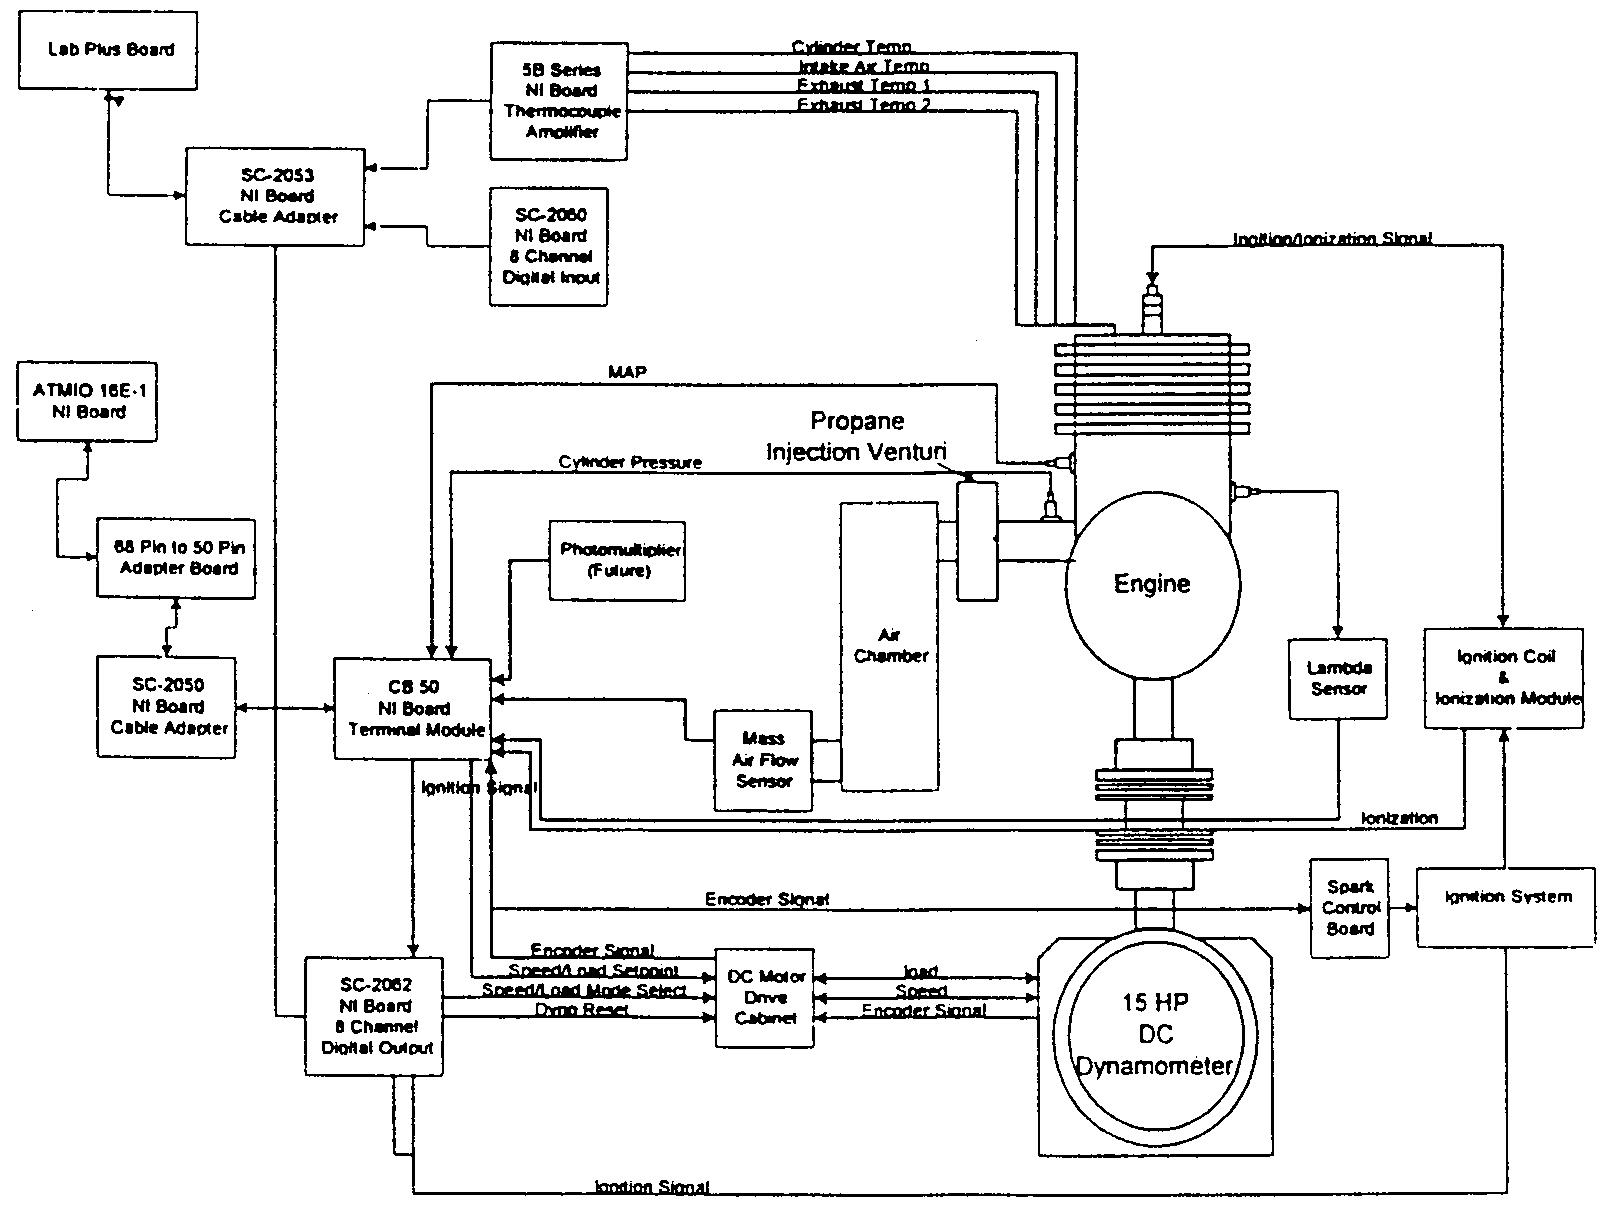 engine control schematics  engine  get free image about wiring diagram